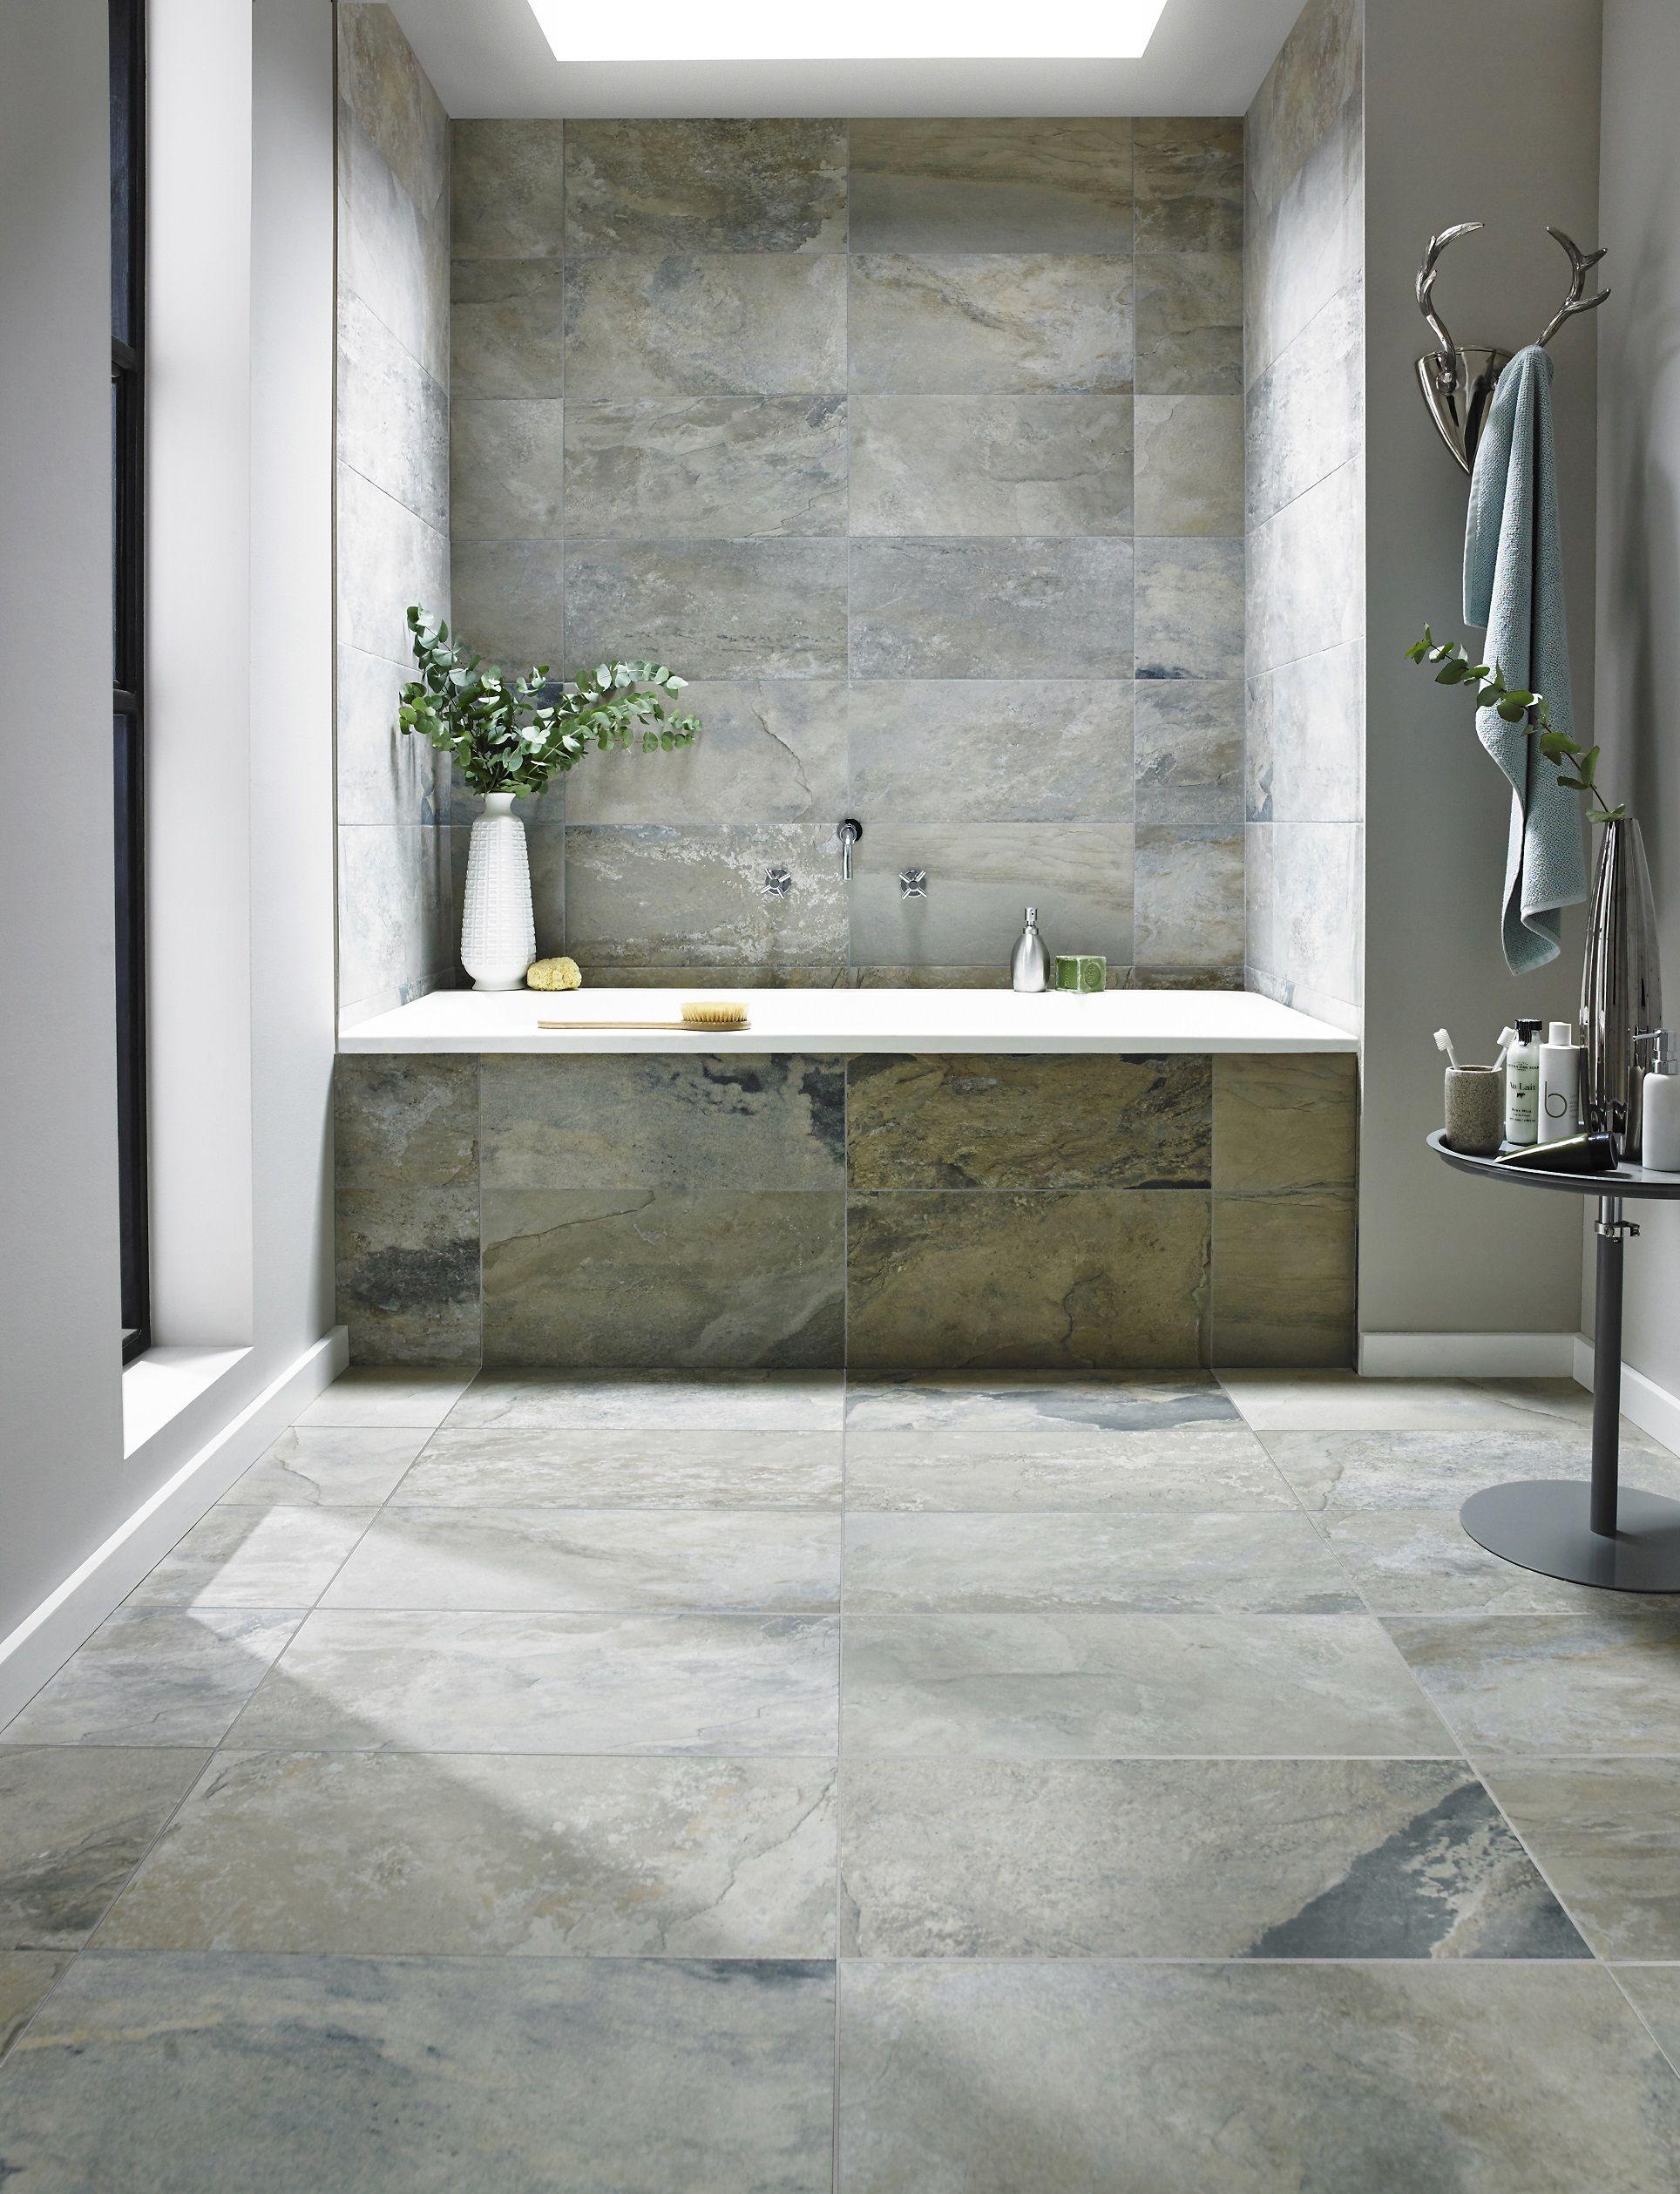 badezimmer kombination aus feinsteinzeug 60x60 cm auf dem boden und 30x60 cm an der wand tolles. Black Bedroom Furniture Sets. Home Design Ideas